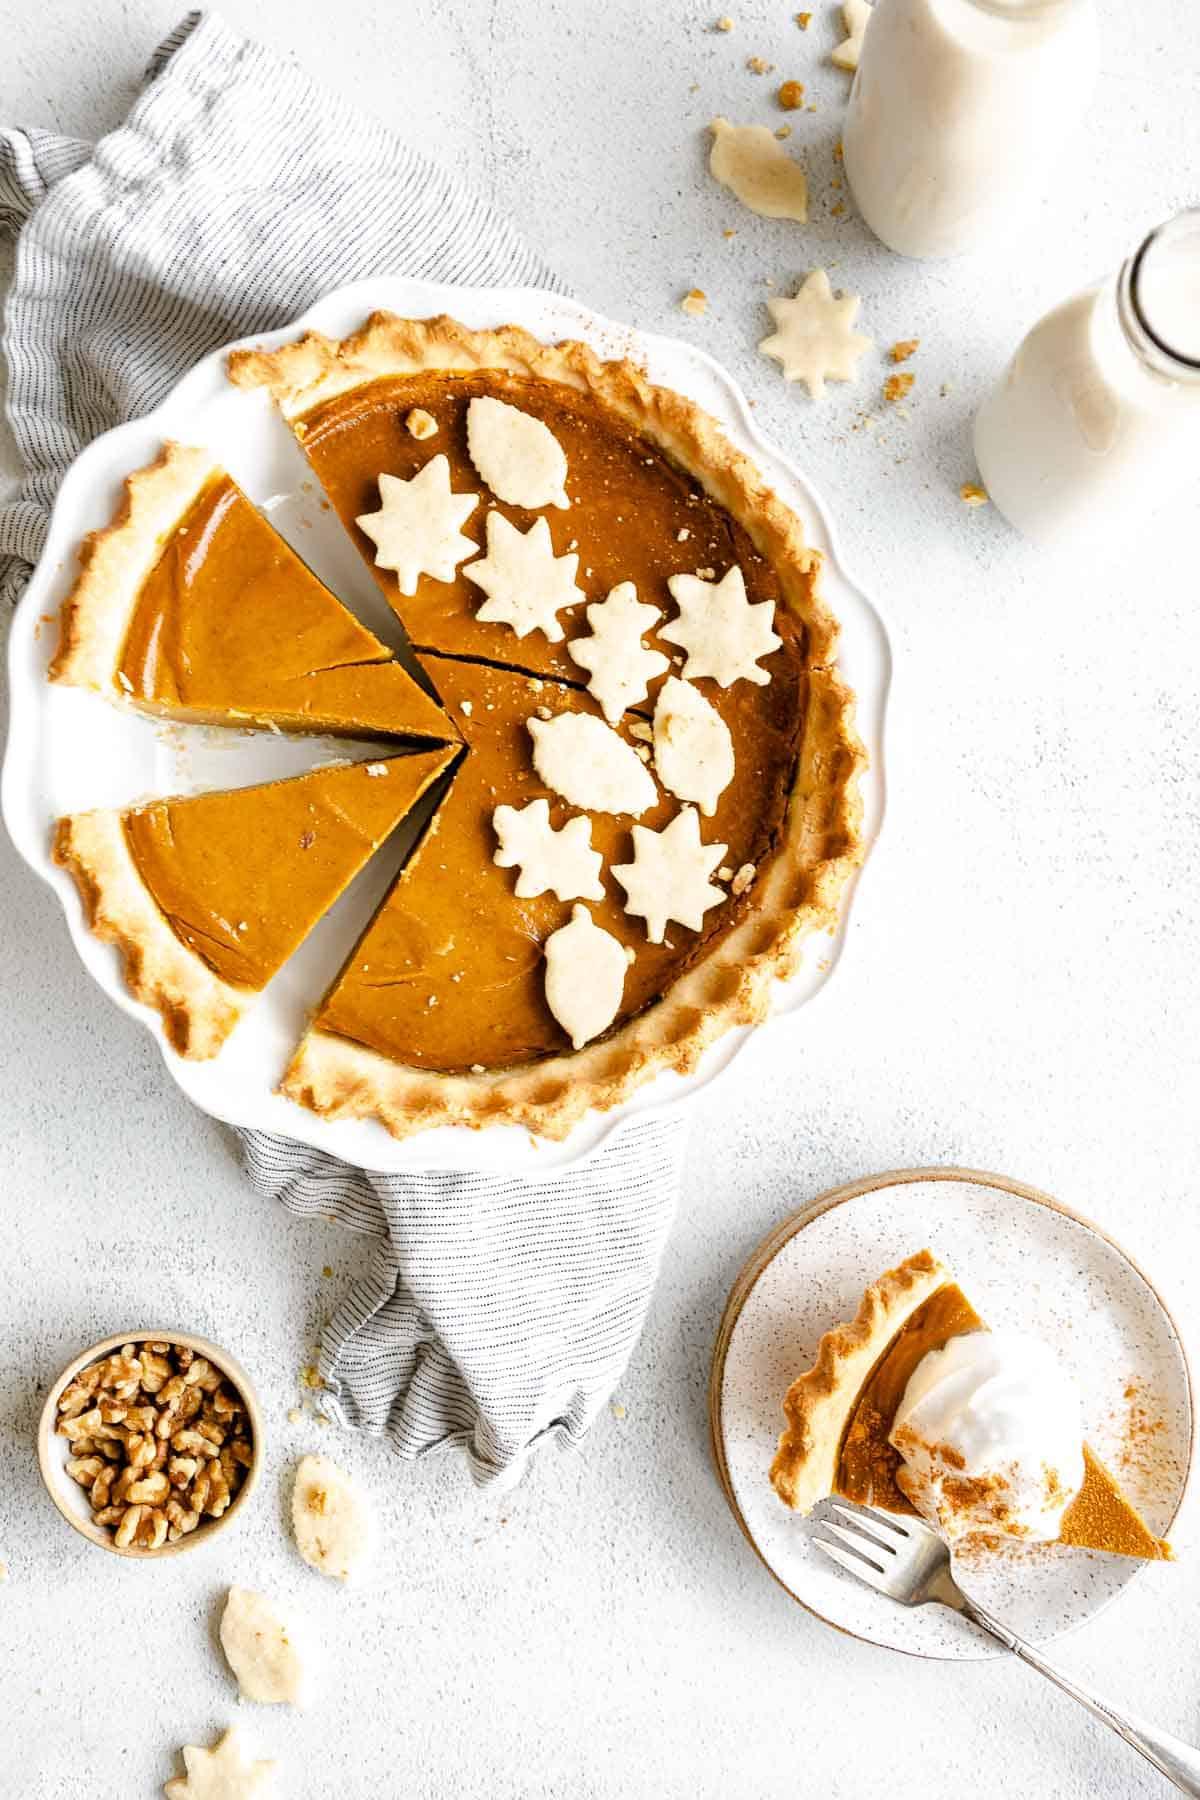 vegan pumpkin pie in a pie plate with leaf cookies